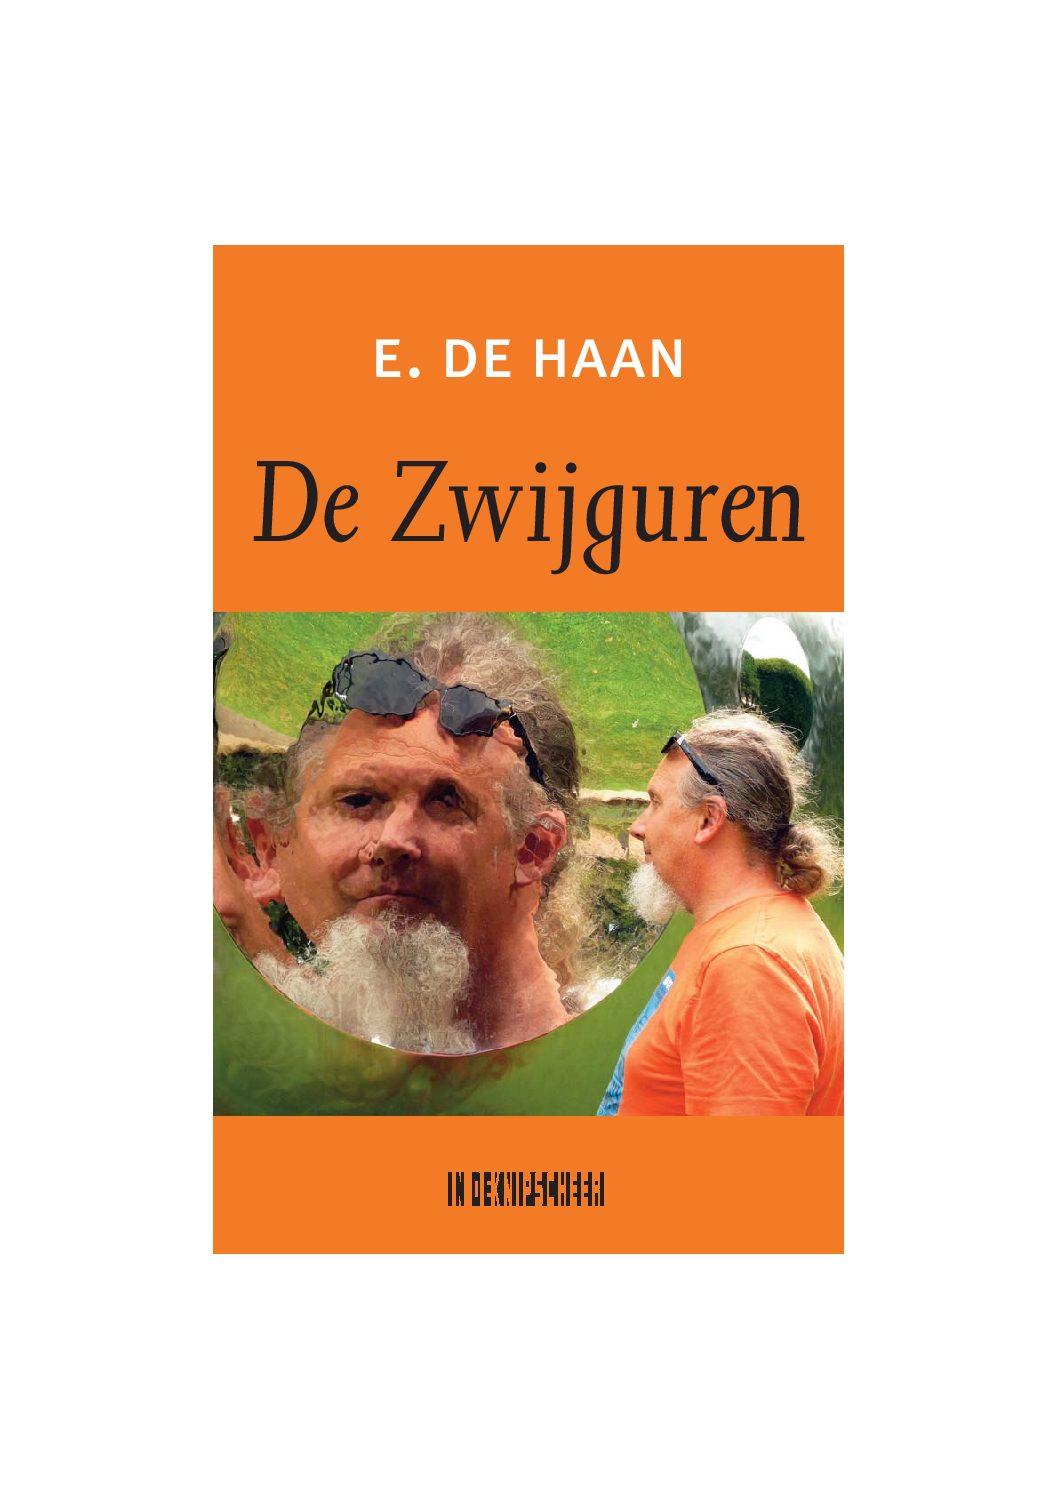 De zwijguren van E. de Haan op Paperbackradio